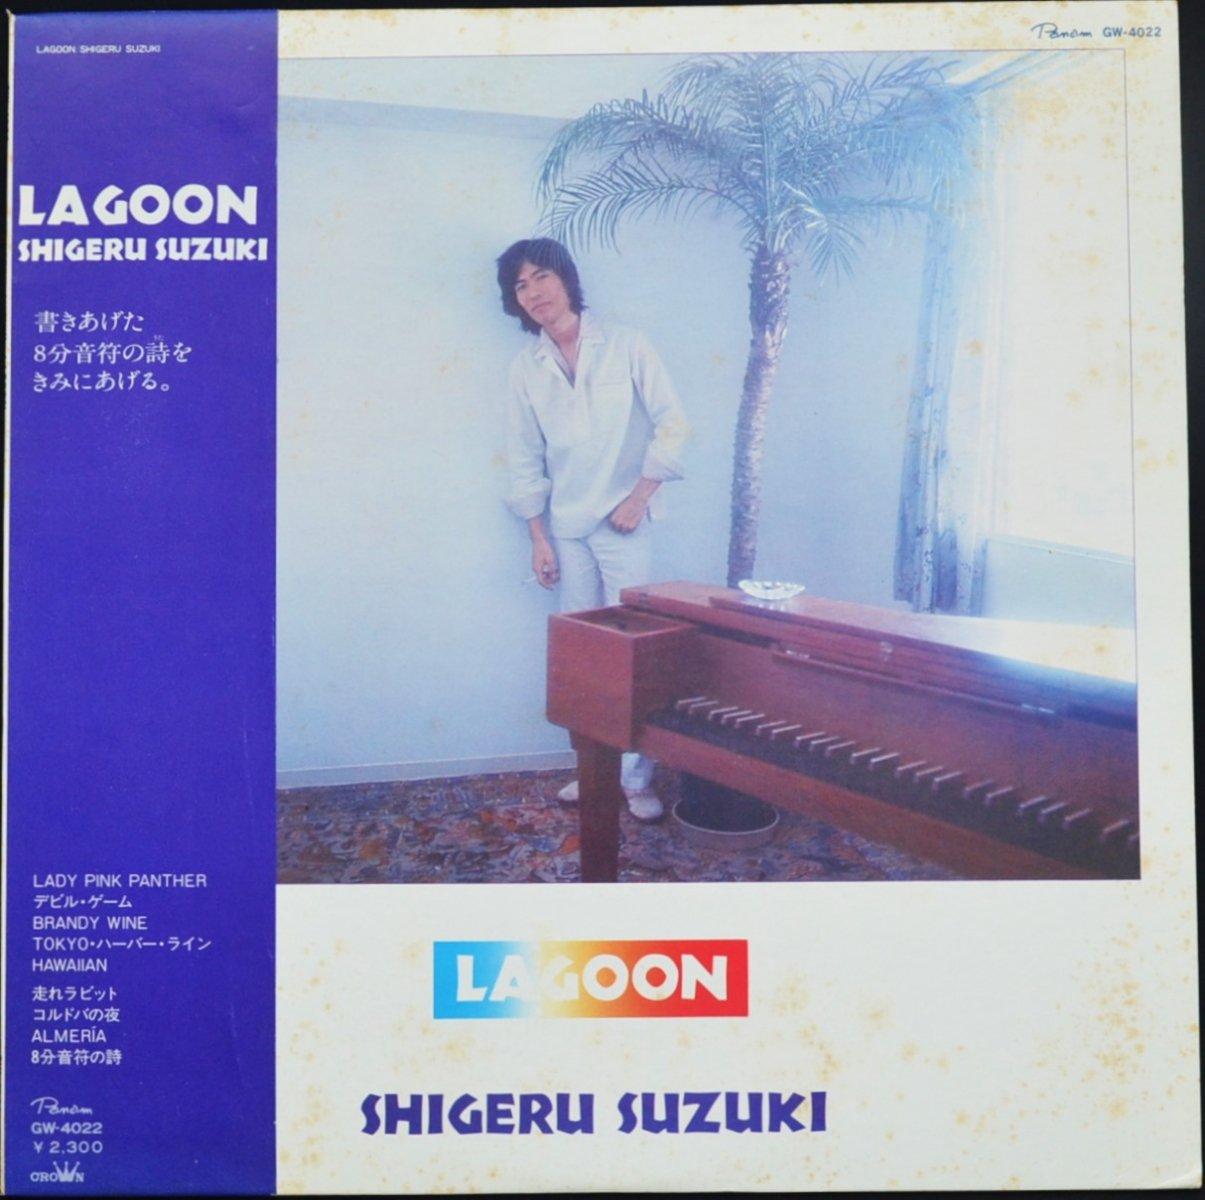 鈴木茂 SHIGERU SUZUKI / ラグーン LAGOON (LP)